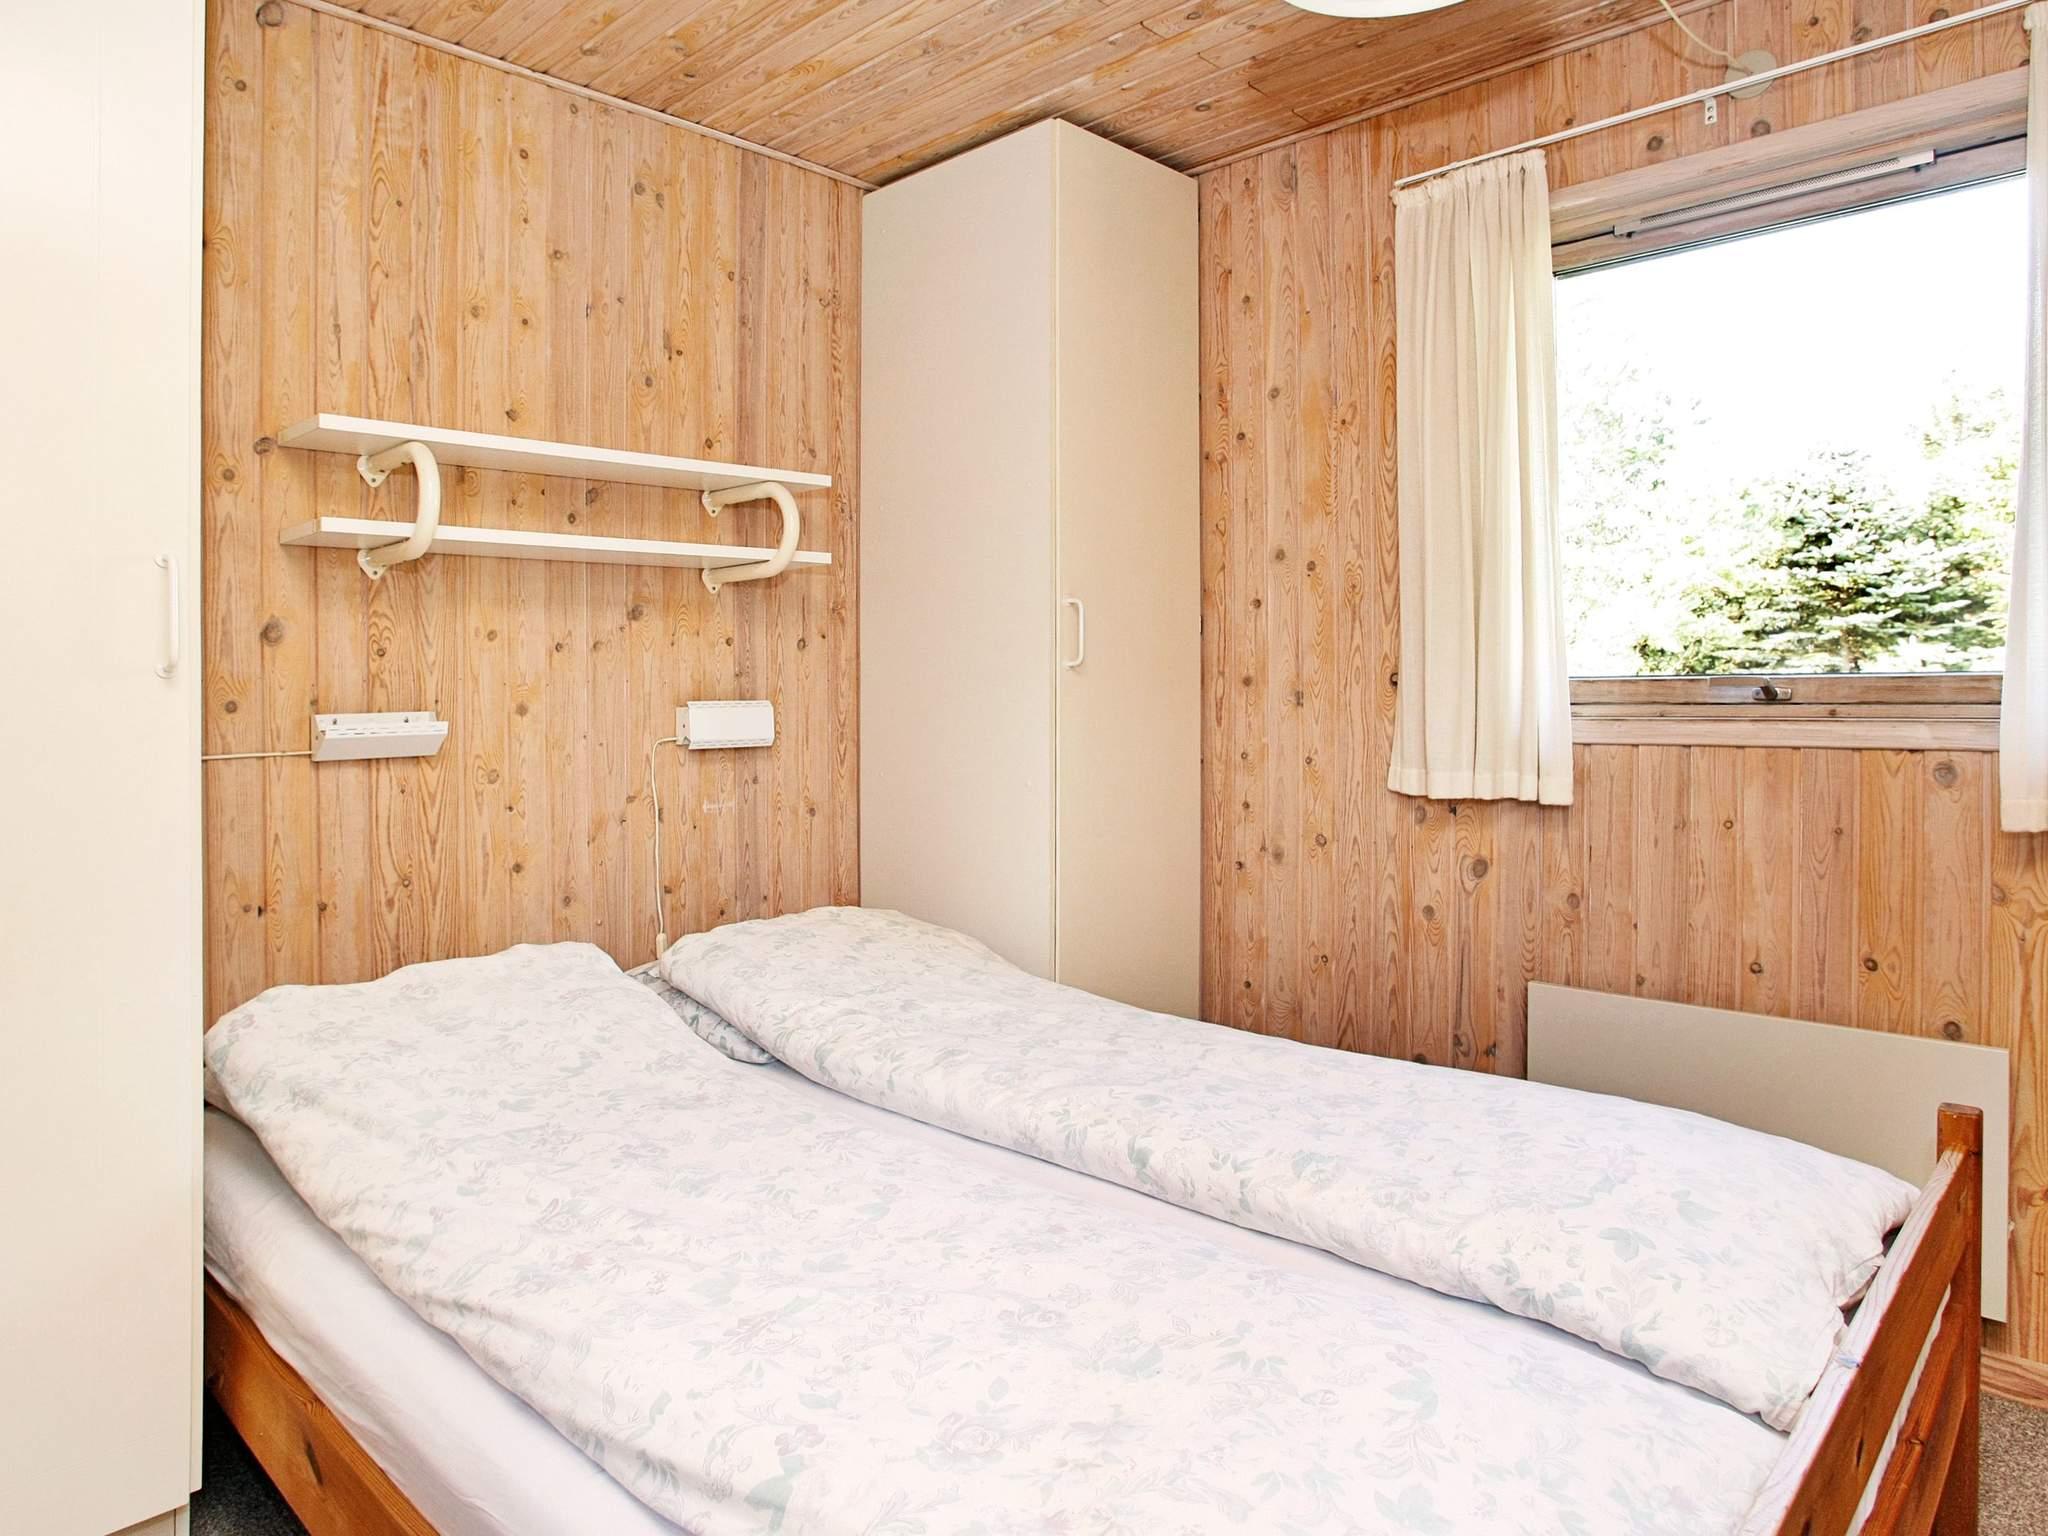 Ferienhaus Hals/Bisnap (88113), Hals, , Nordostjütland, Dänemark, Bild 3